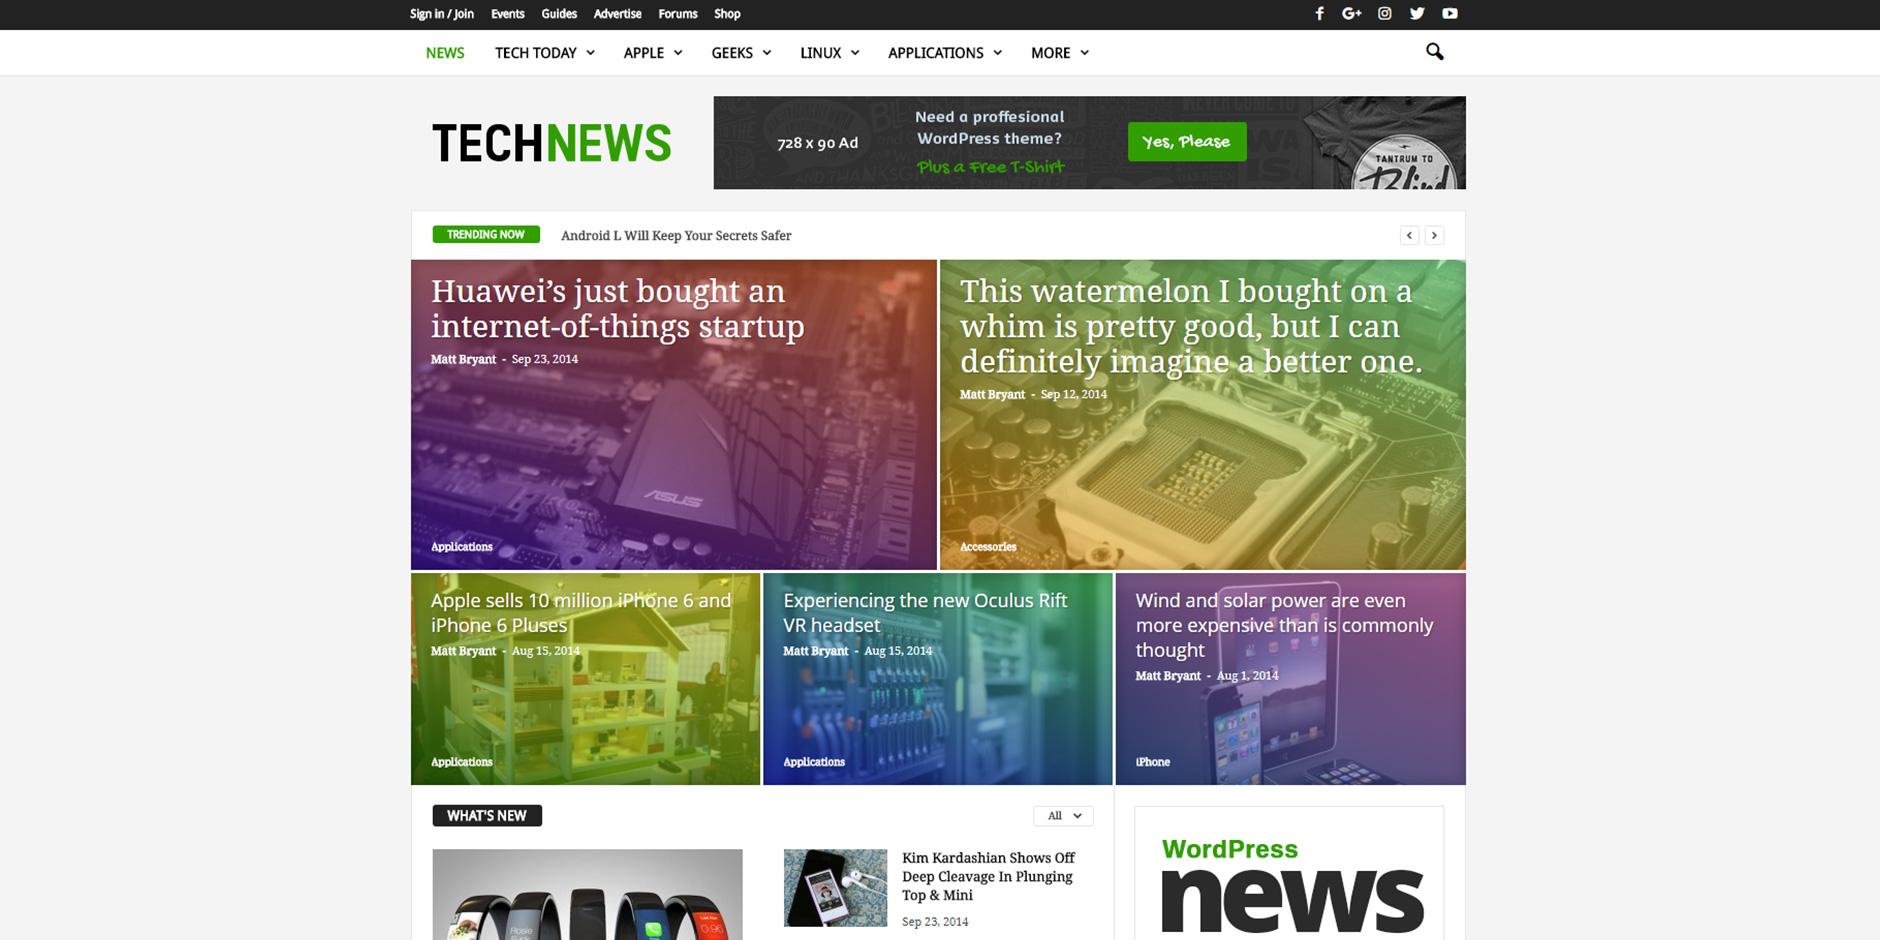 Newsmag_Tech_News_Demo